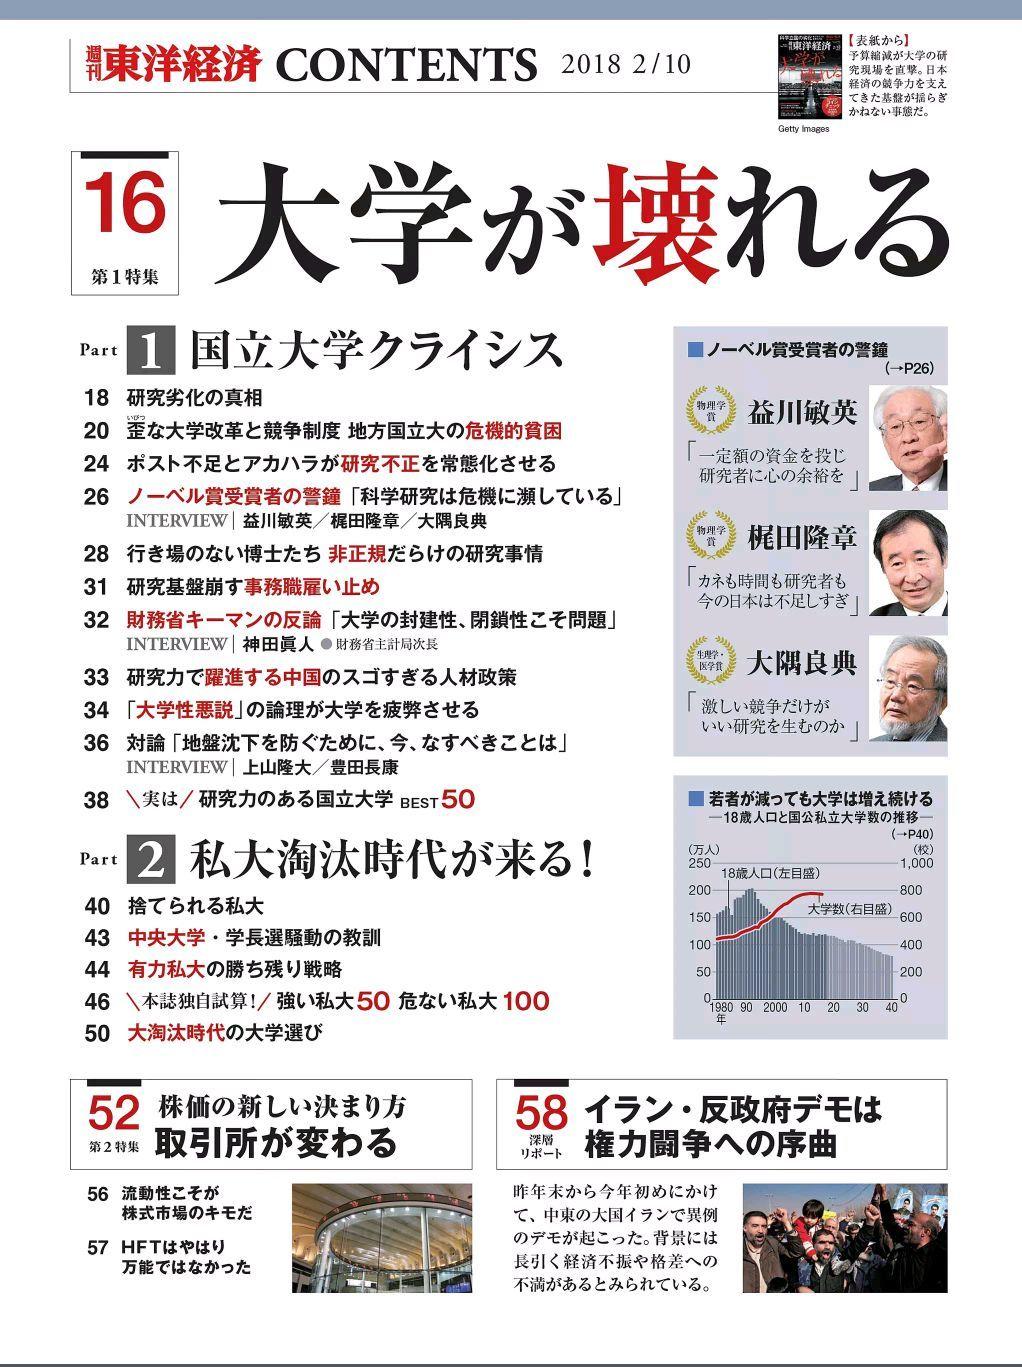 雑誌はほとんど買いません_c0025115_21380597.jpg